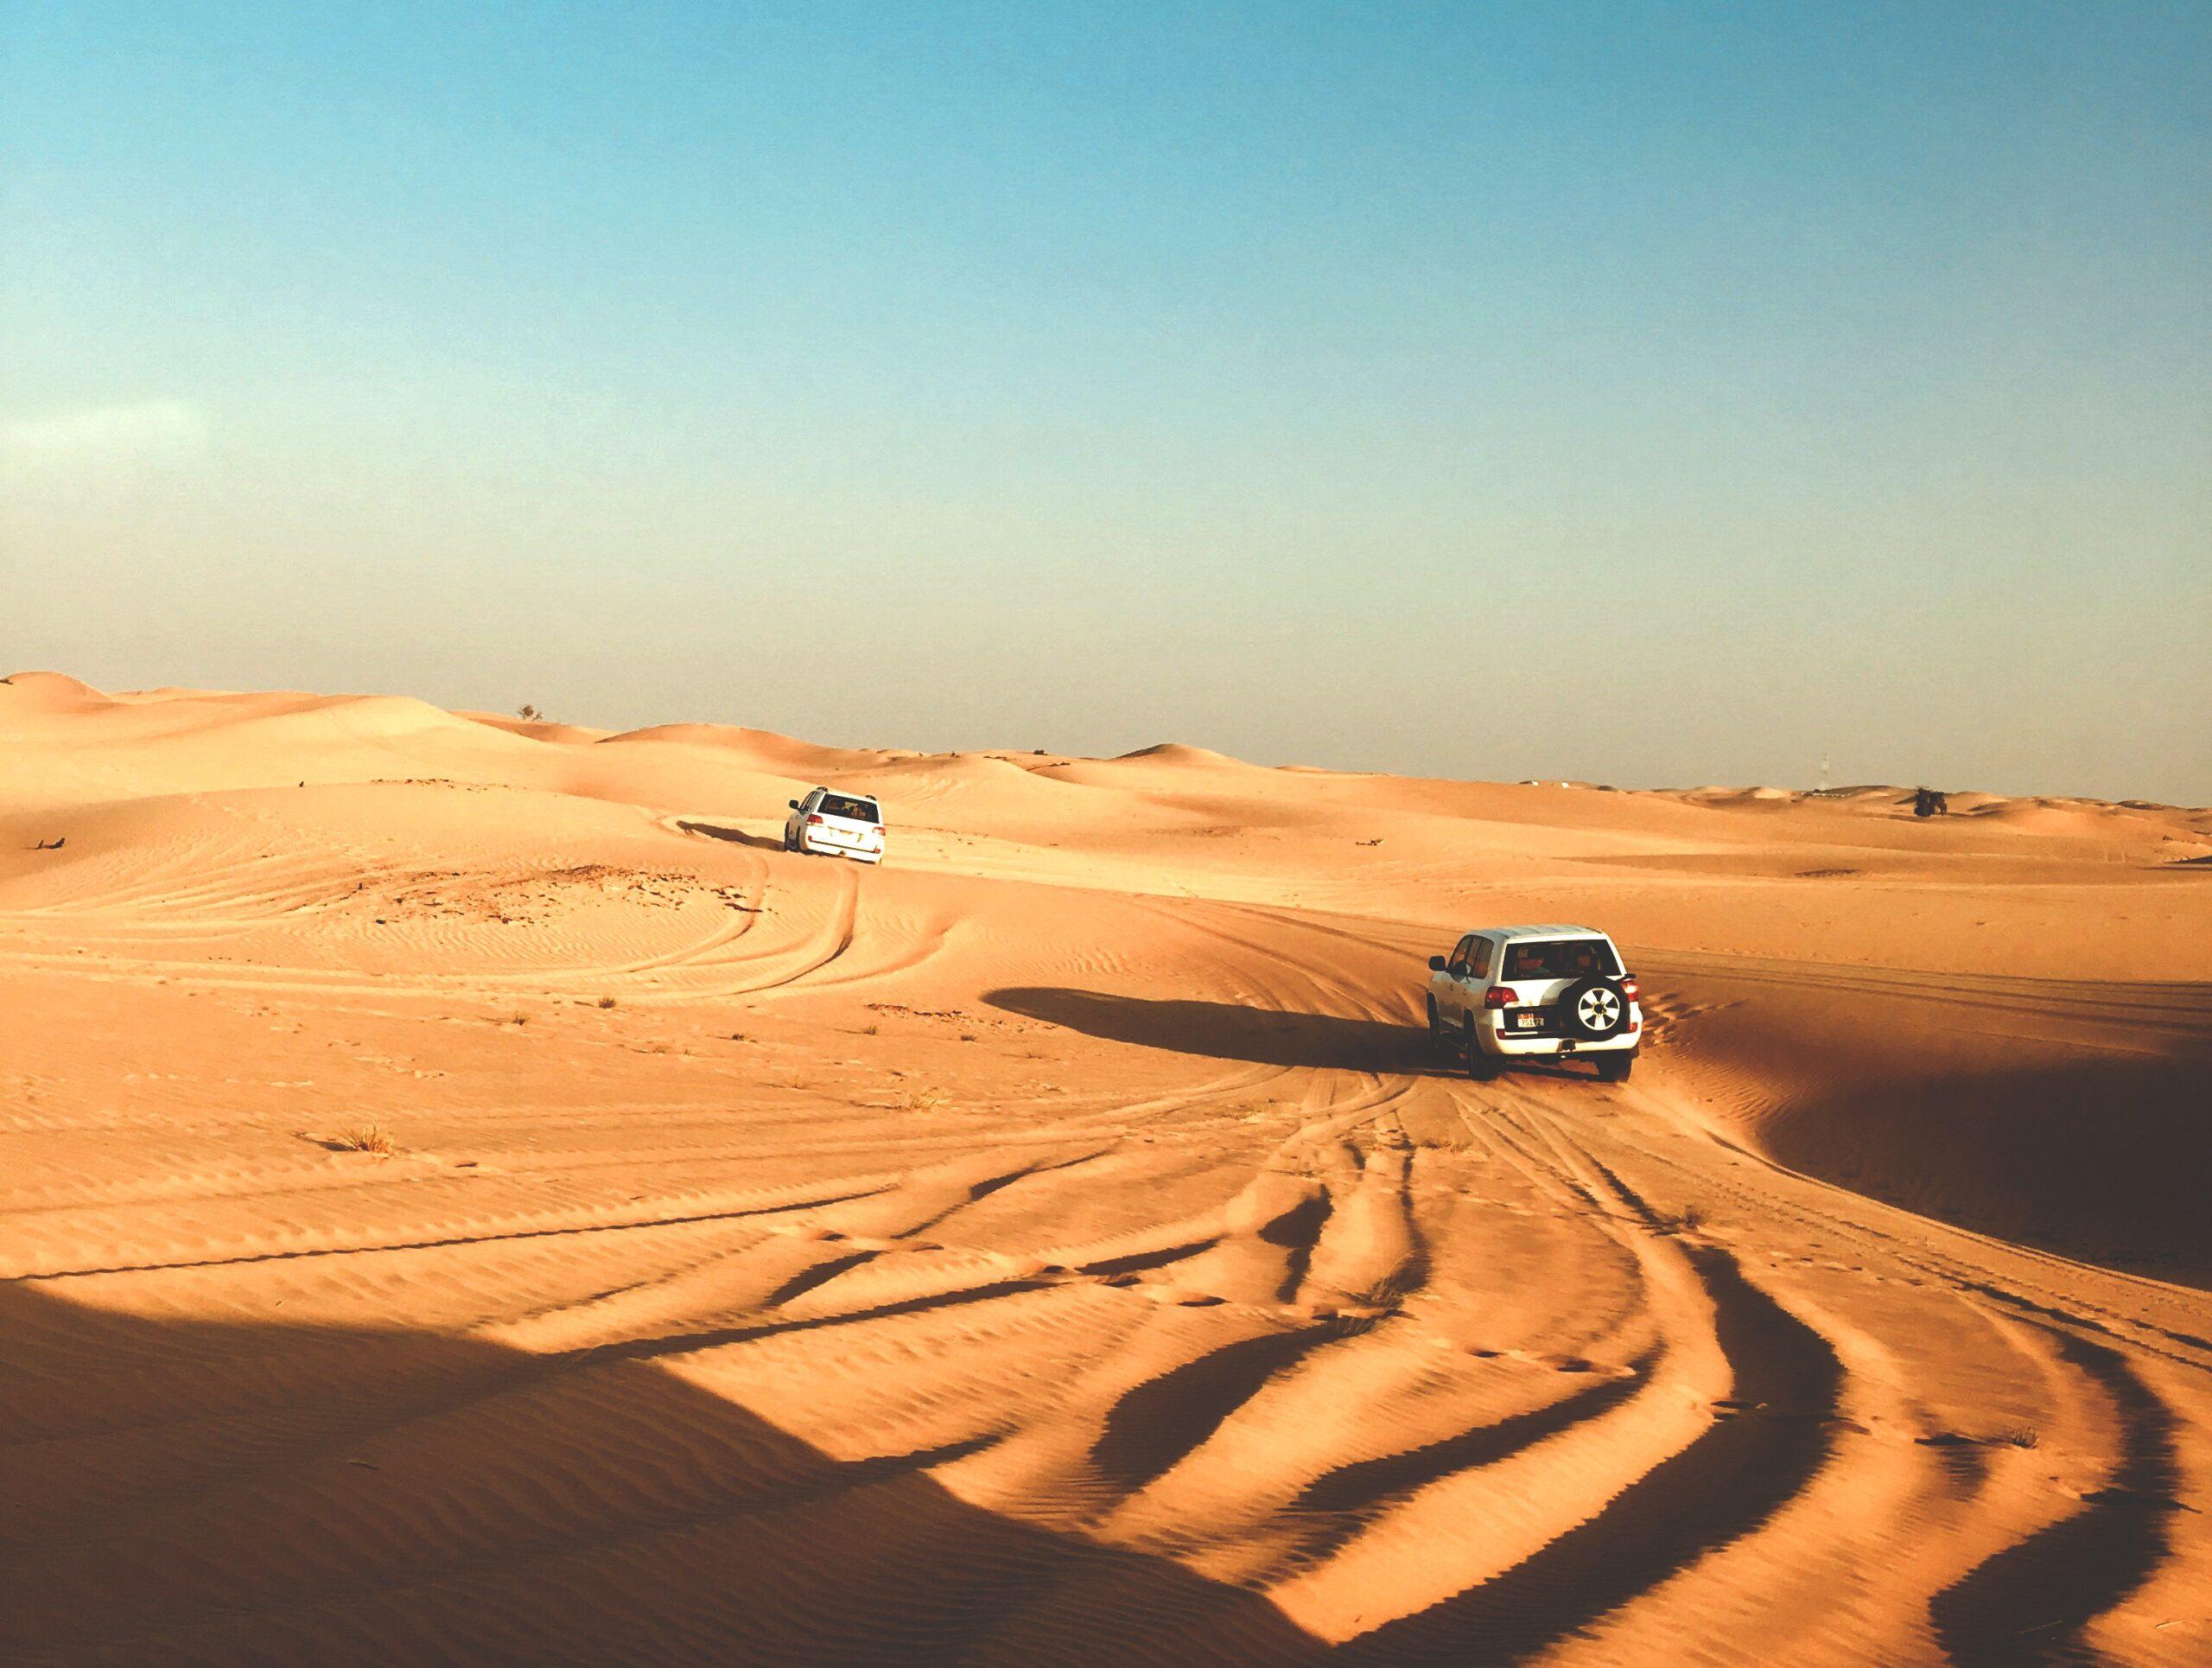 Sandurlaub in Dubai!